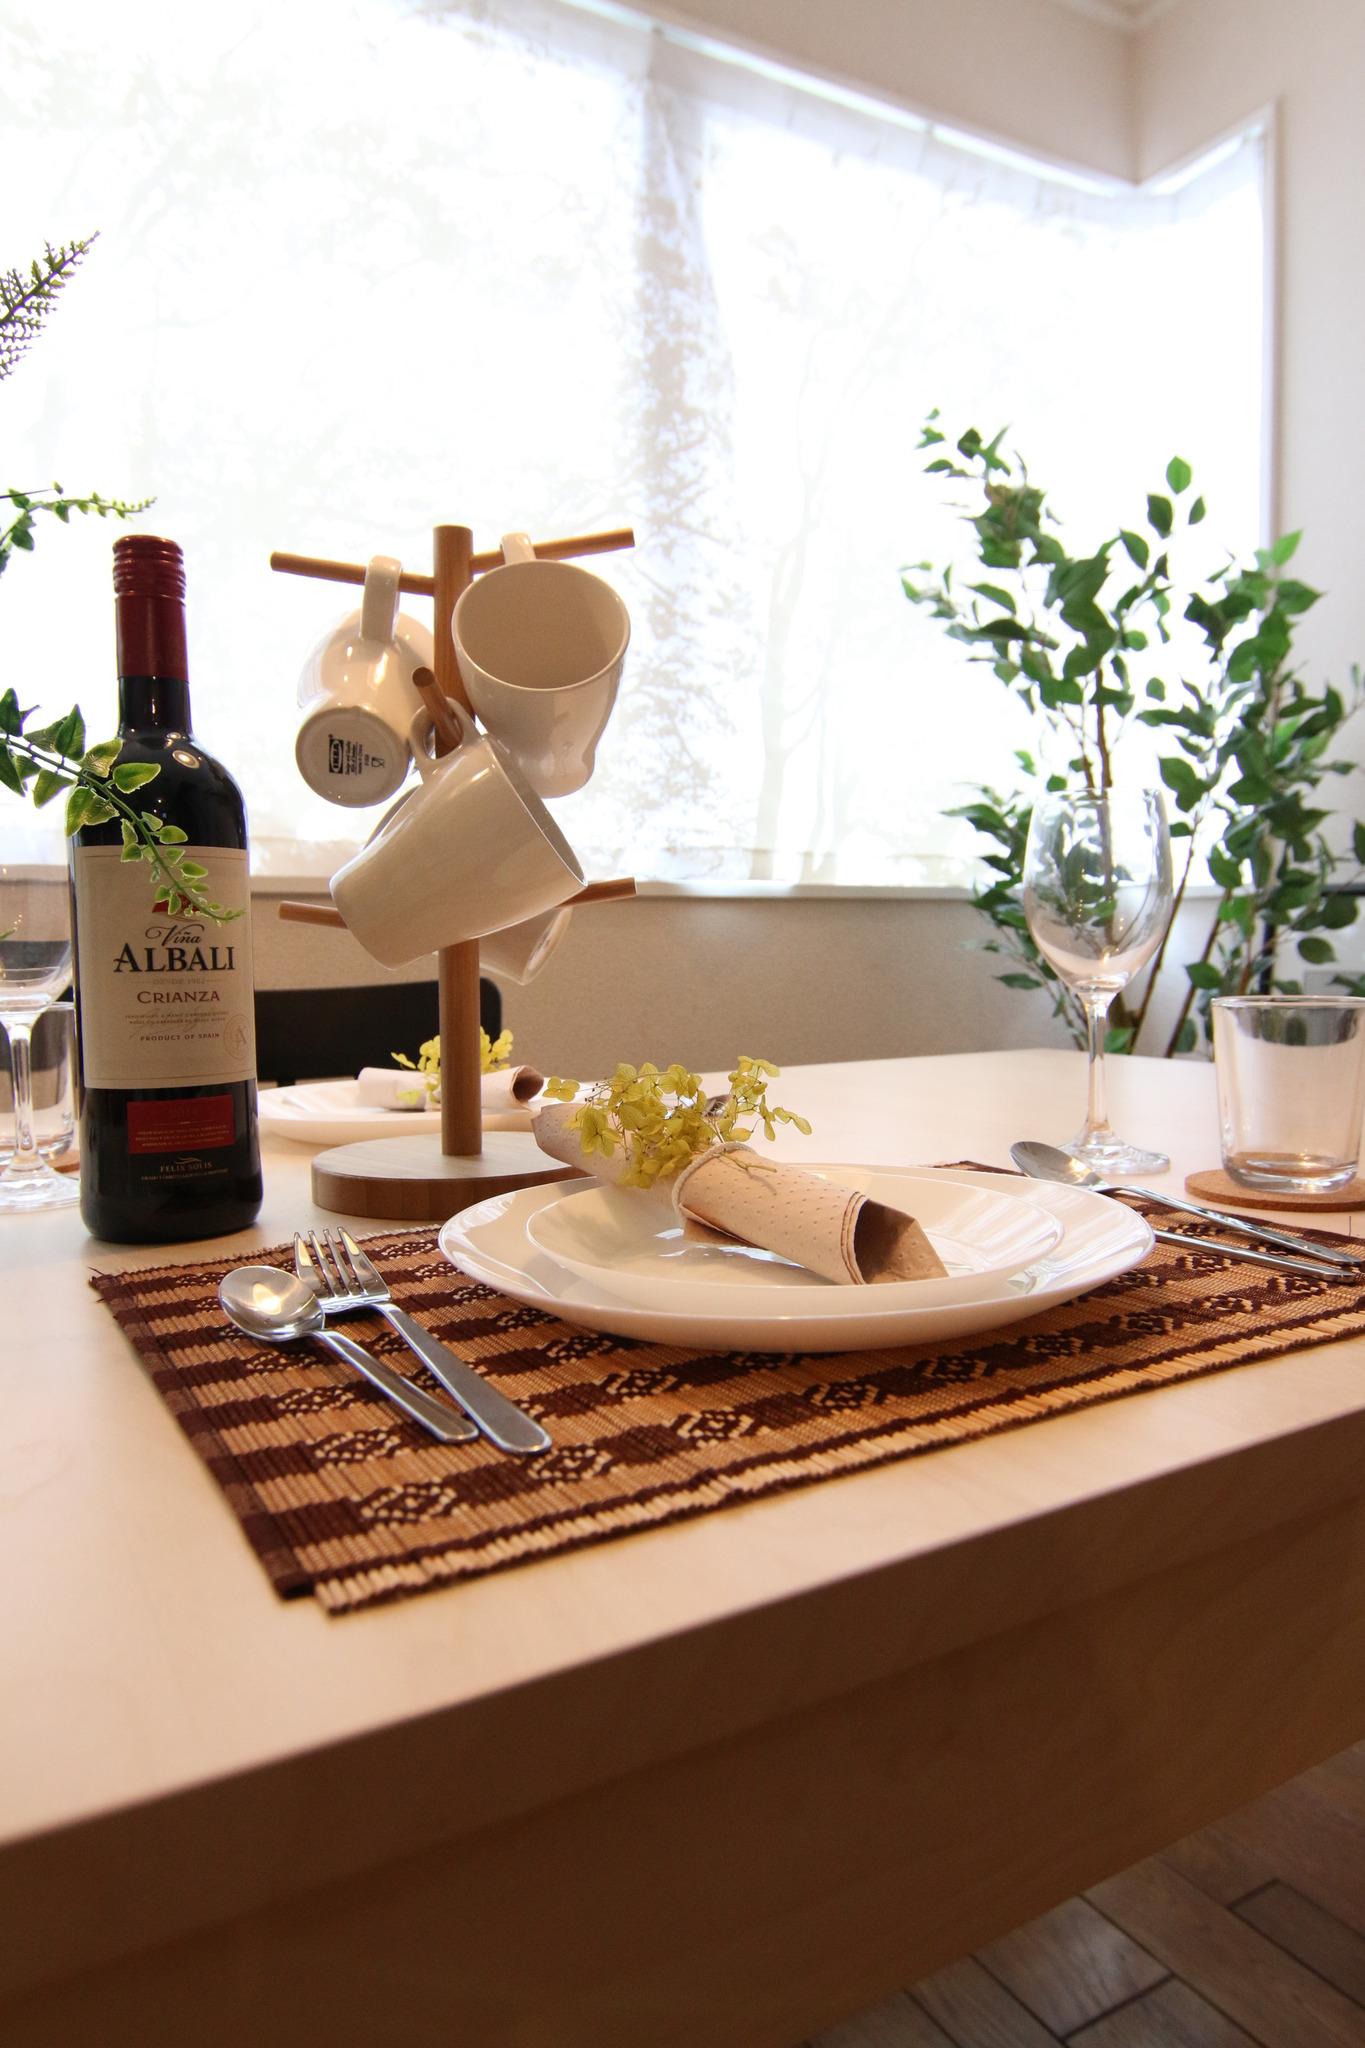 パーティー使いにも十分な食器などのアメニティを完備しております。